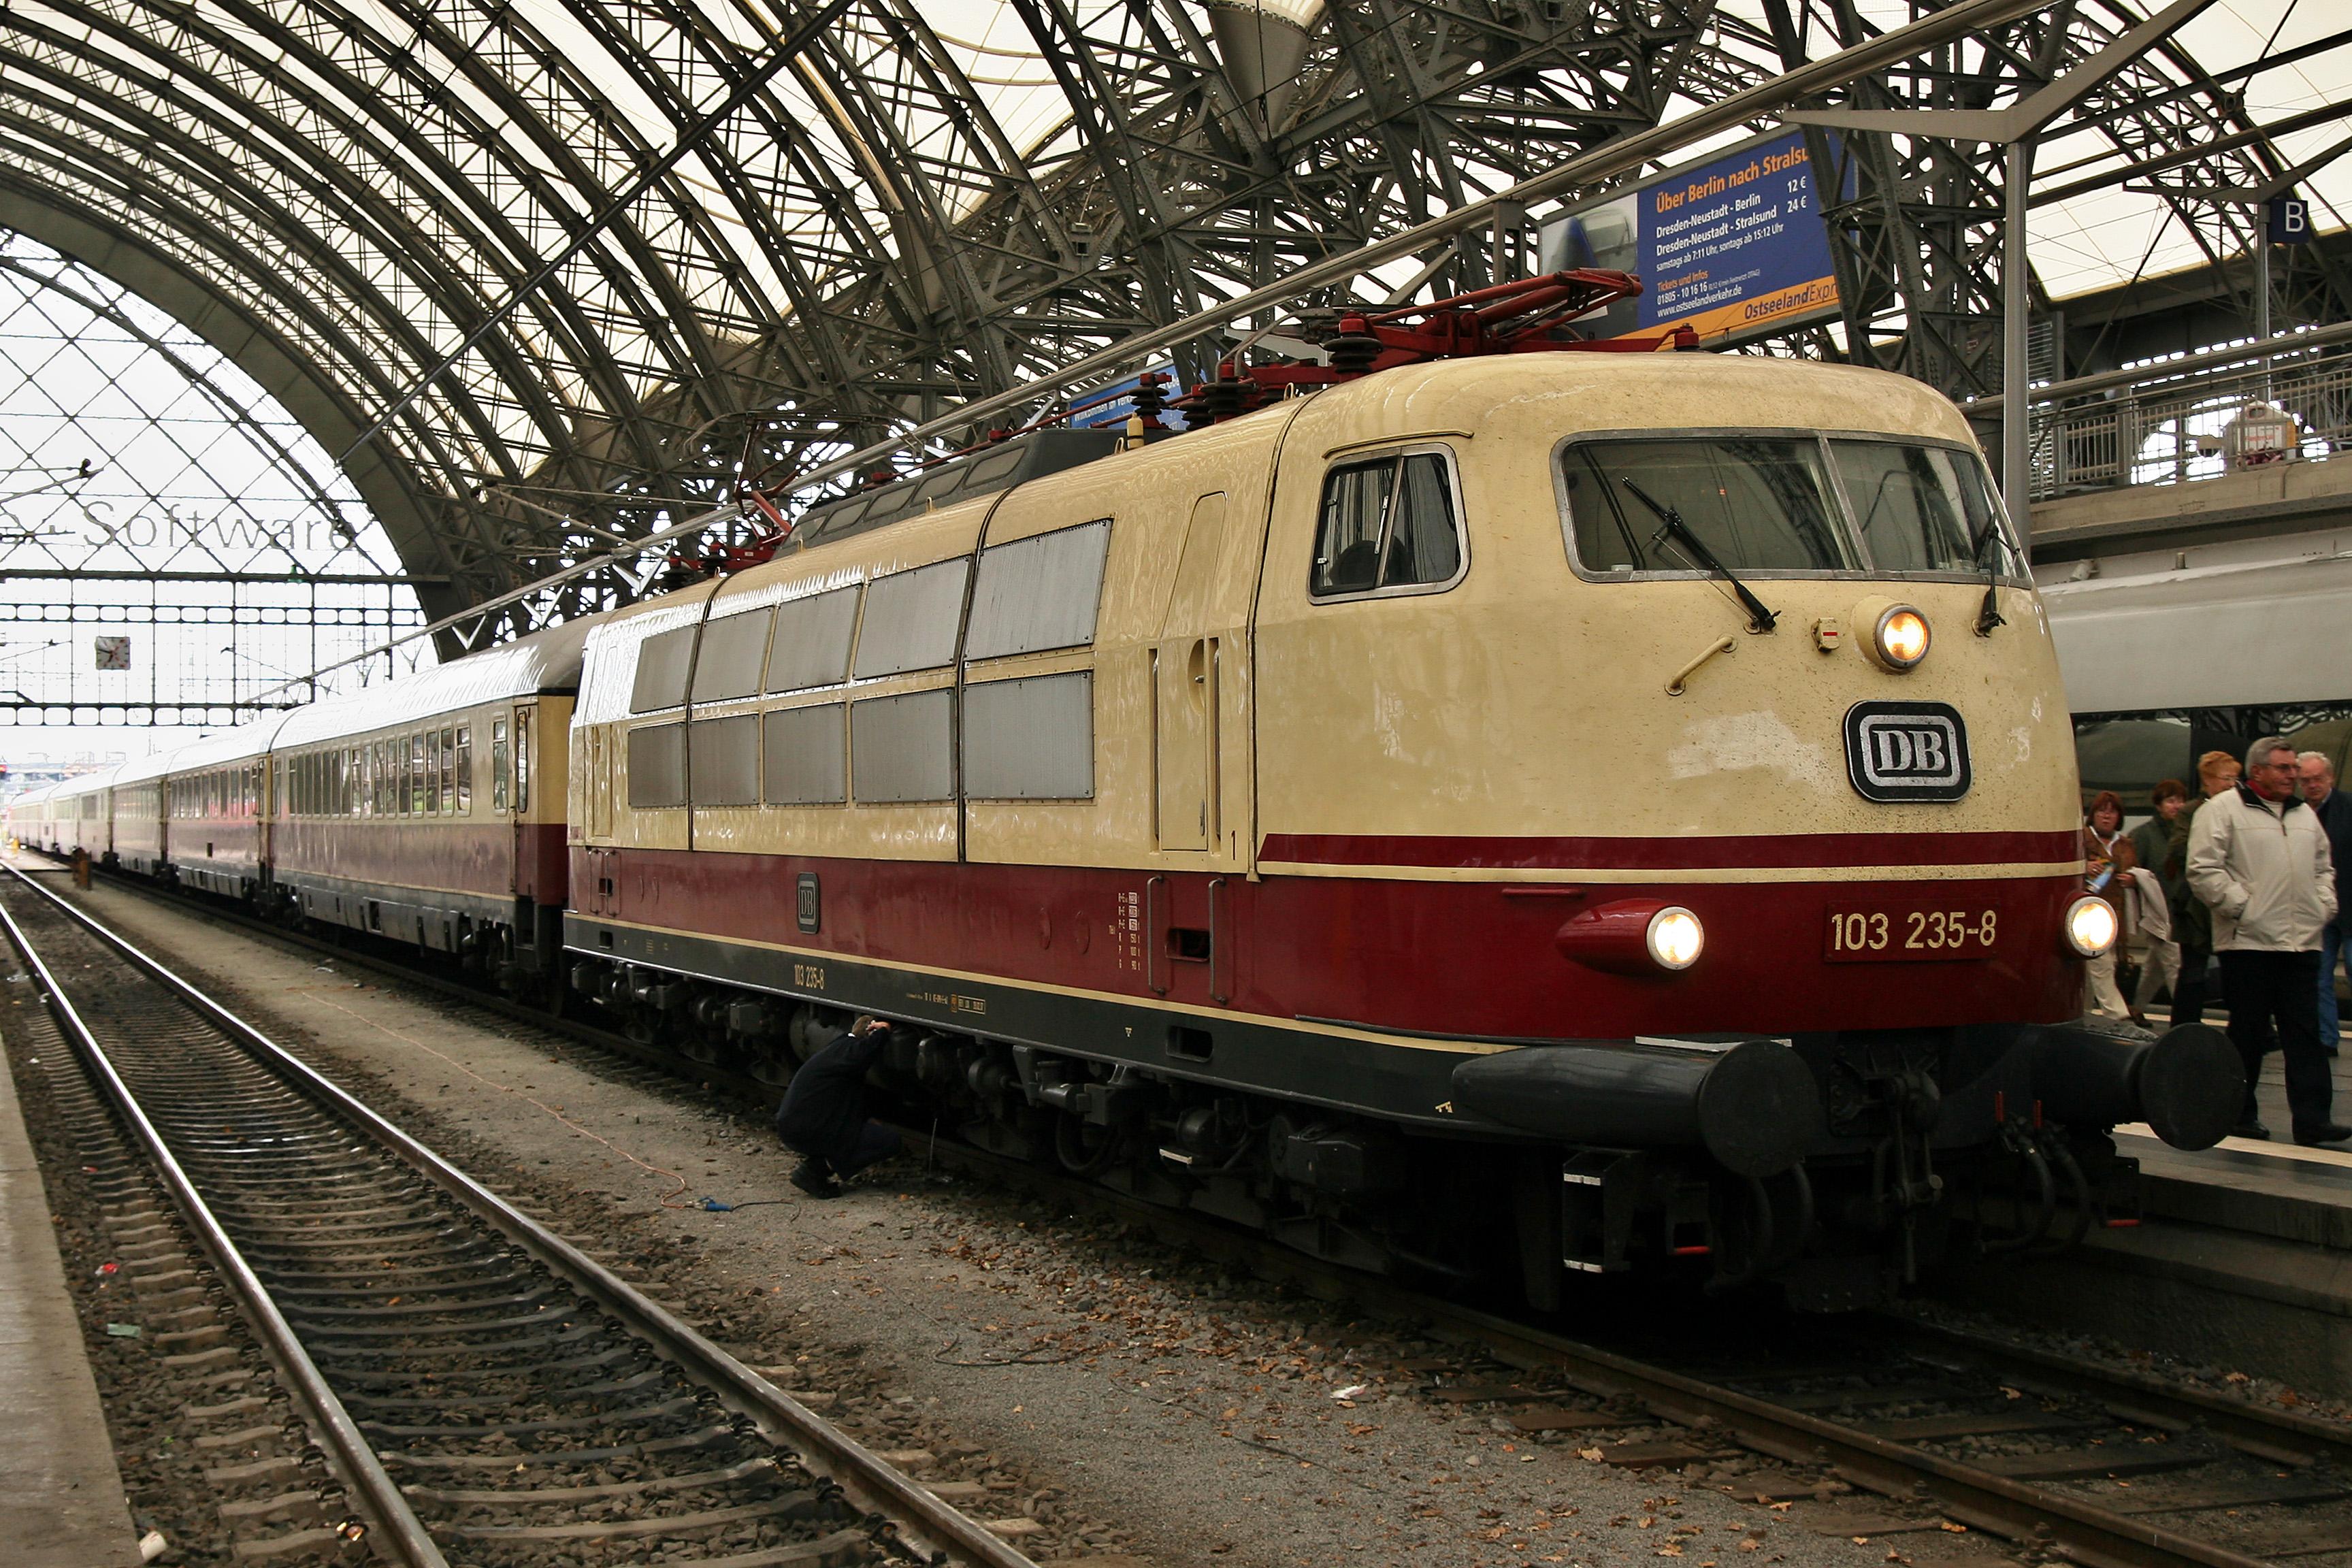 Dostal Baureihe 103 die erste Schnellfahr-Lokomotive d DB Lok//Handbuch//Technik